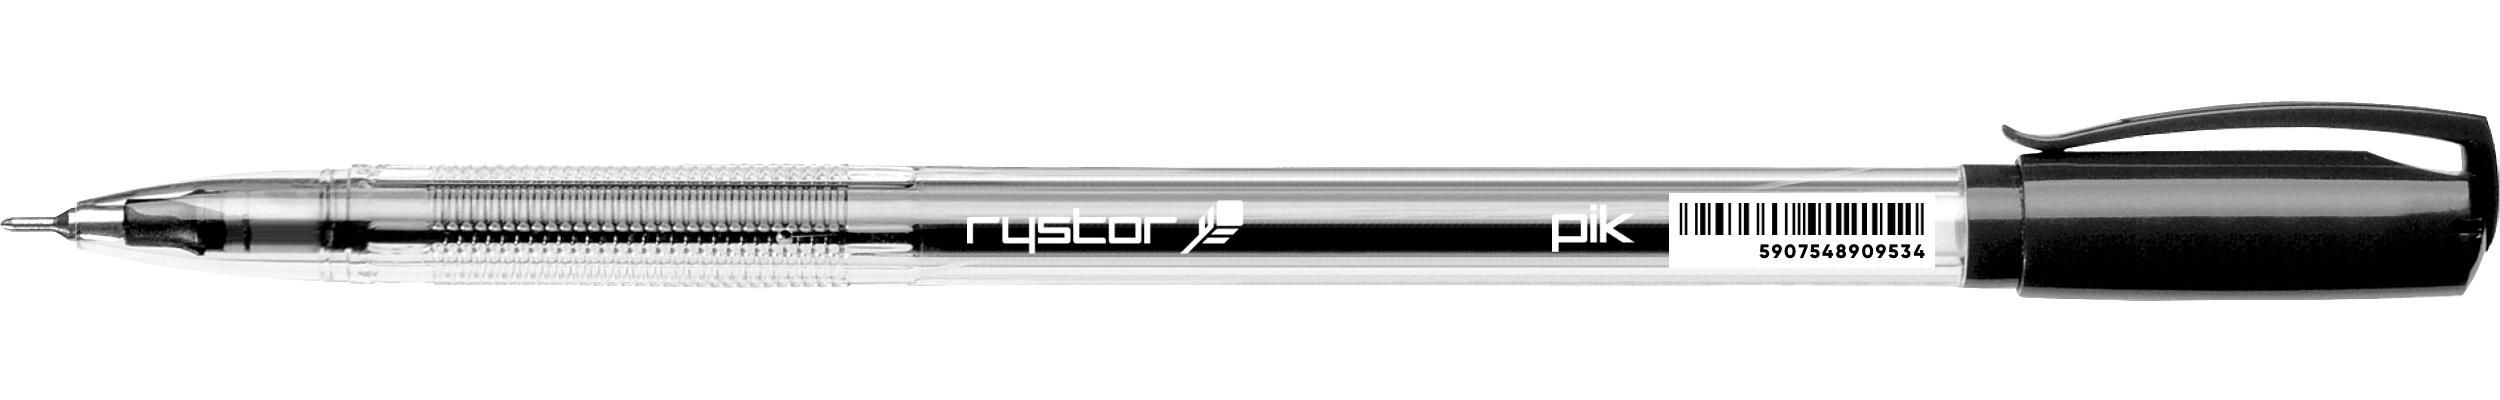 Pik Ballpoint Pen